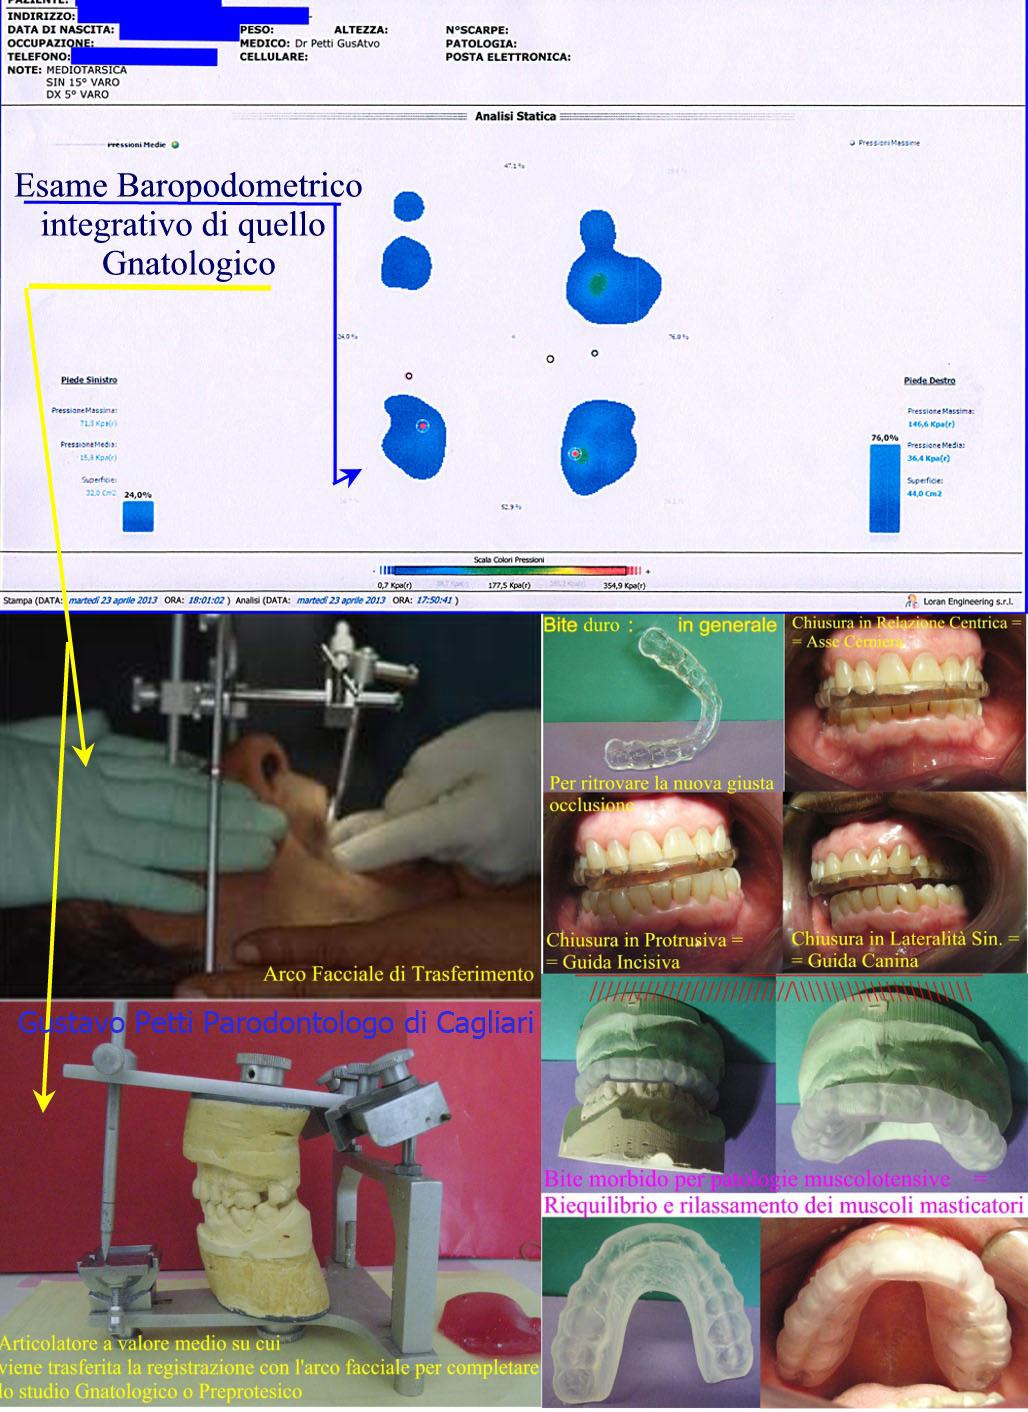 Dr. Gustavo Petti Parodontologo Gnatologo di Cagliari. Parte di analisi Gnatologica con Arco9 Facciale di Trasferimento e Analisi Computerizzata Stabilometrica. Solo come esempio.